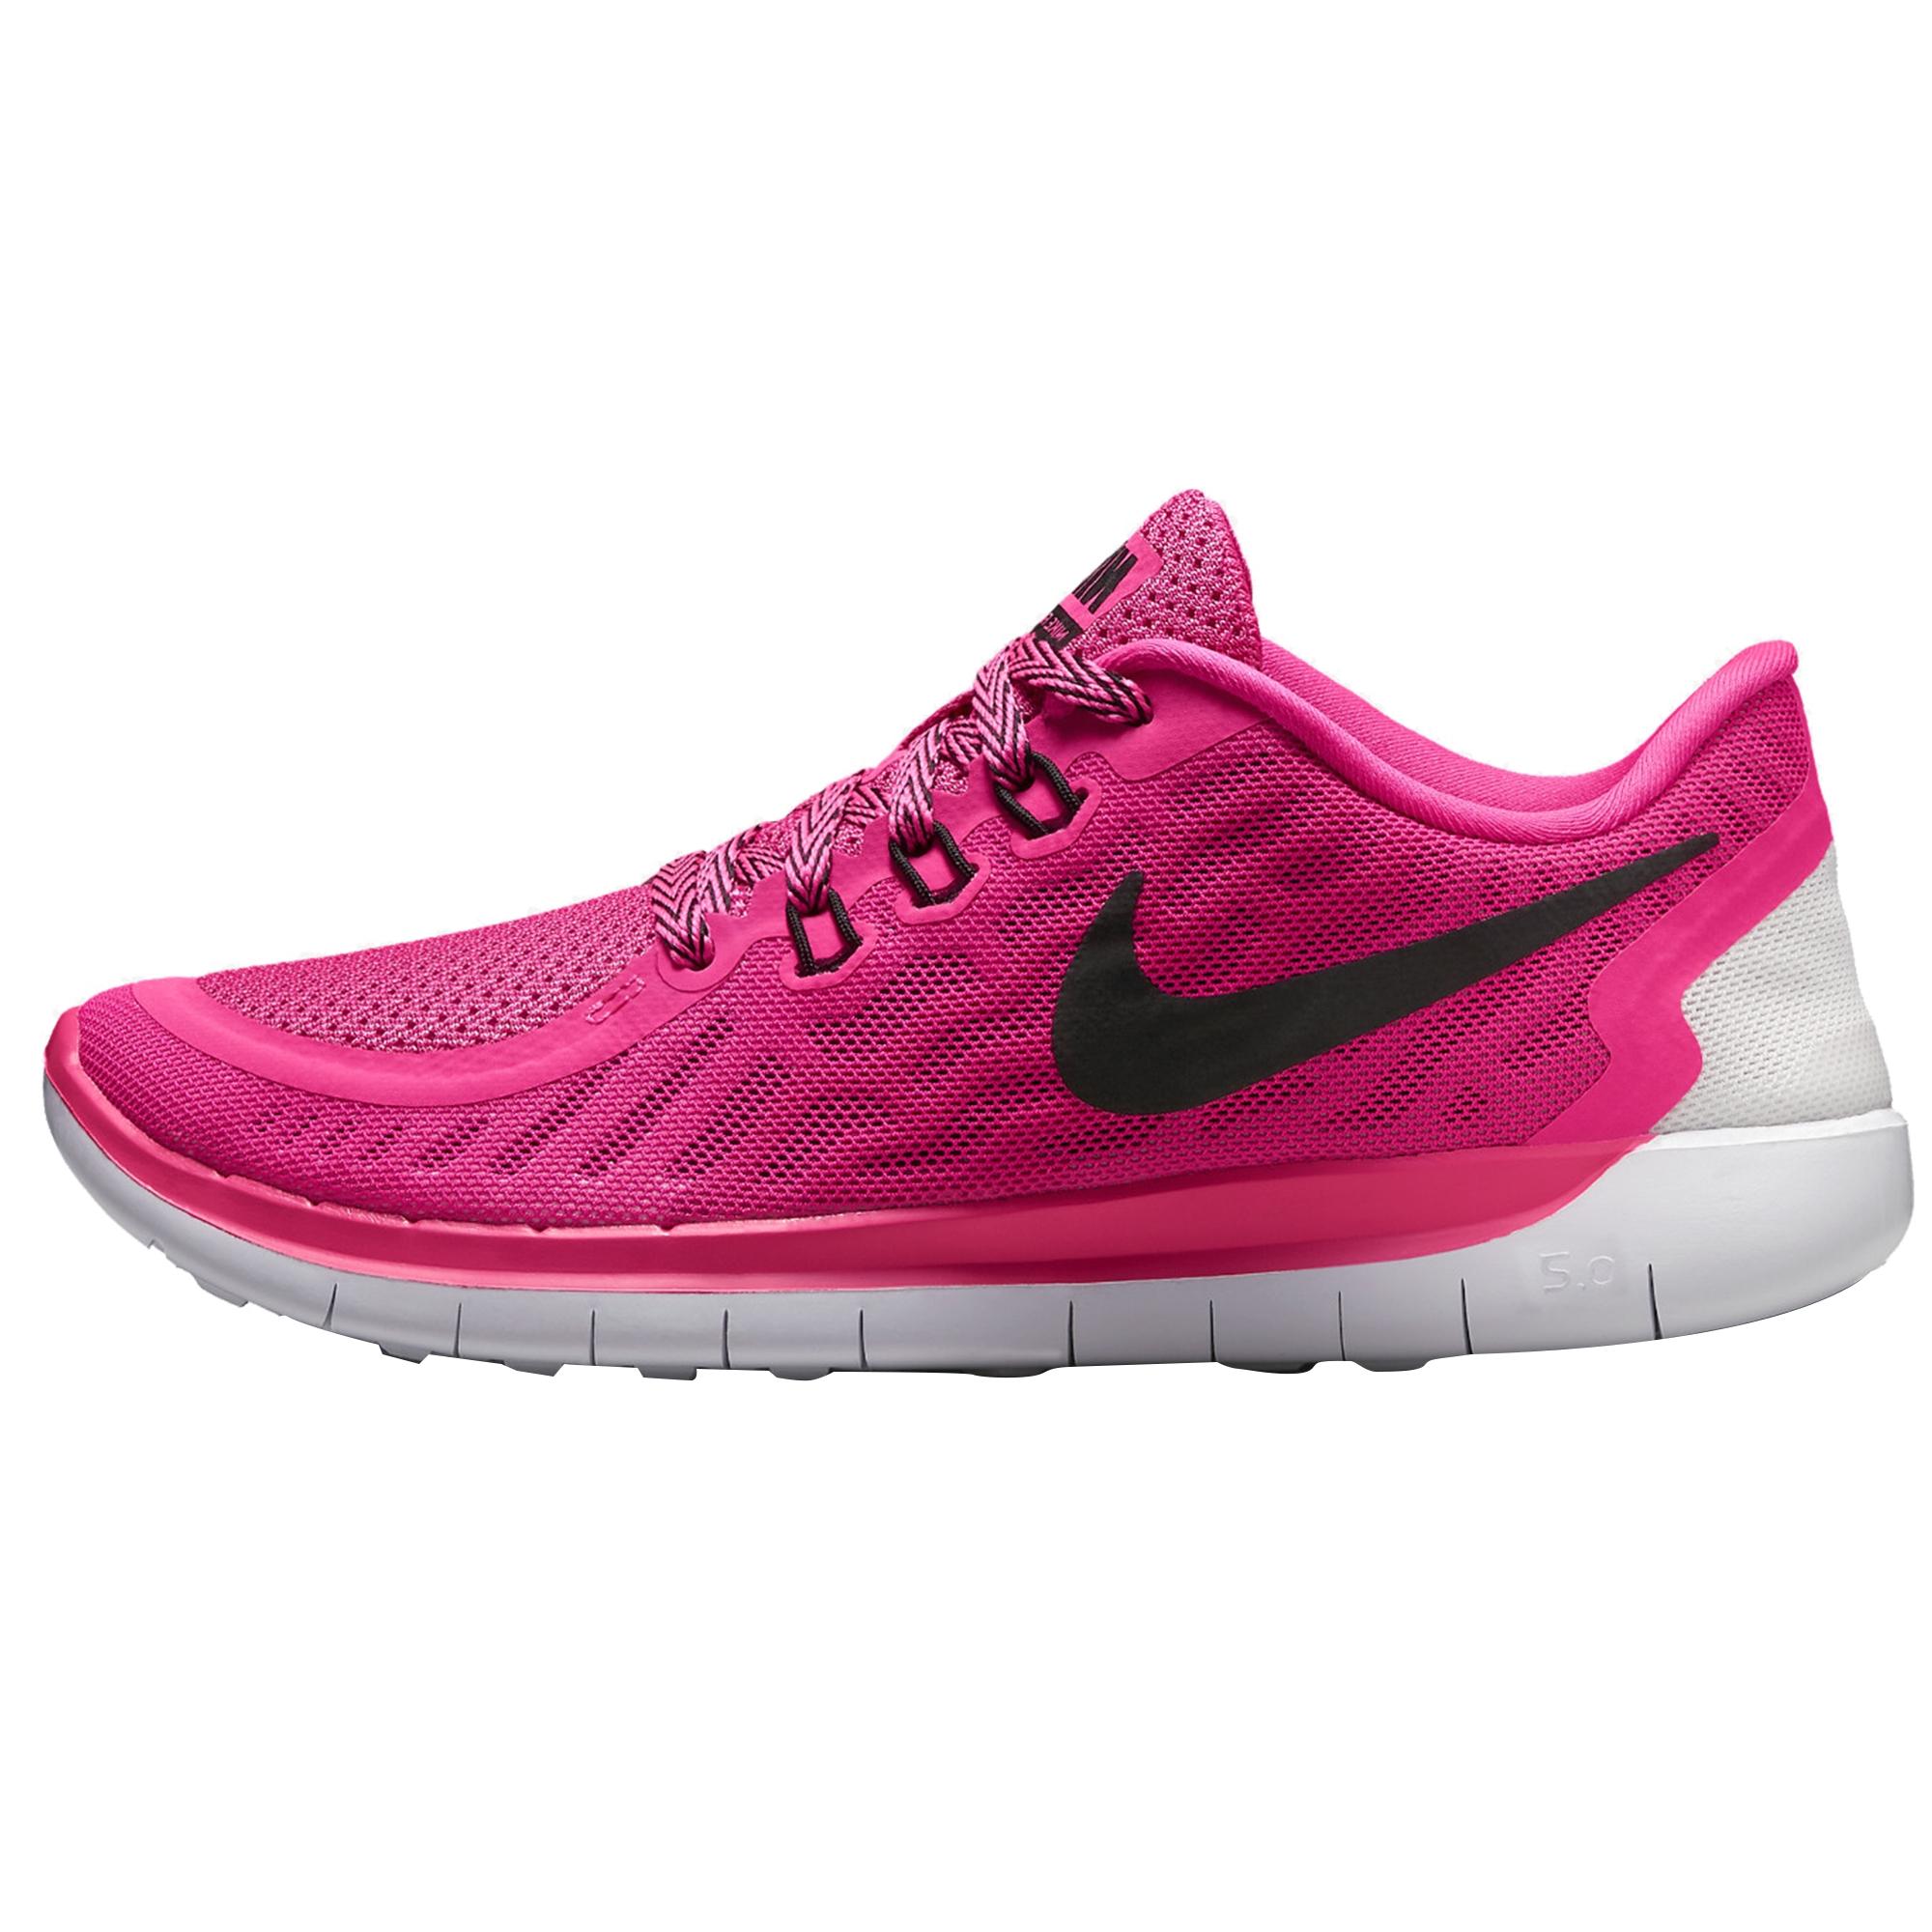 nike free 5.0 youth (gs) spor ayakkabı